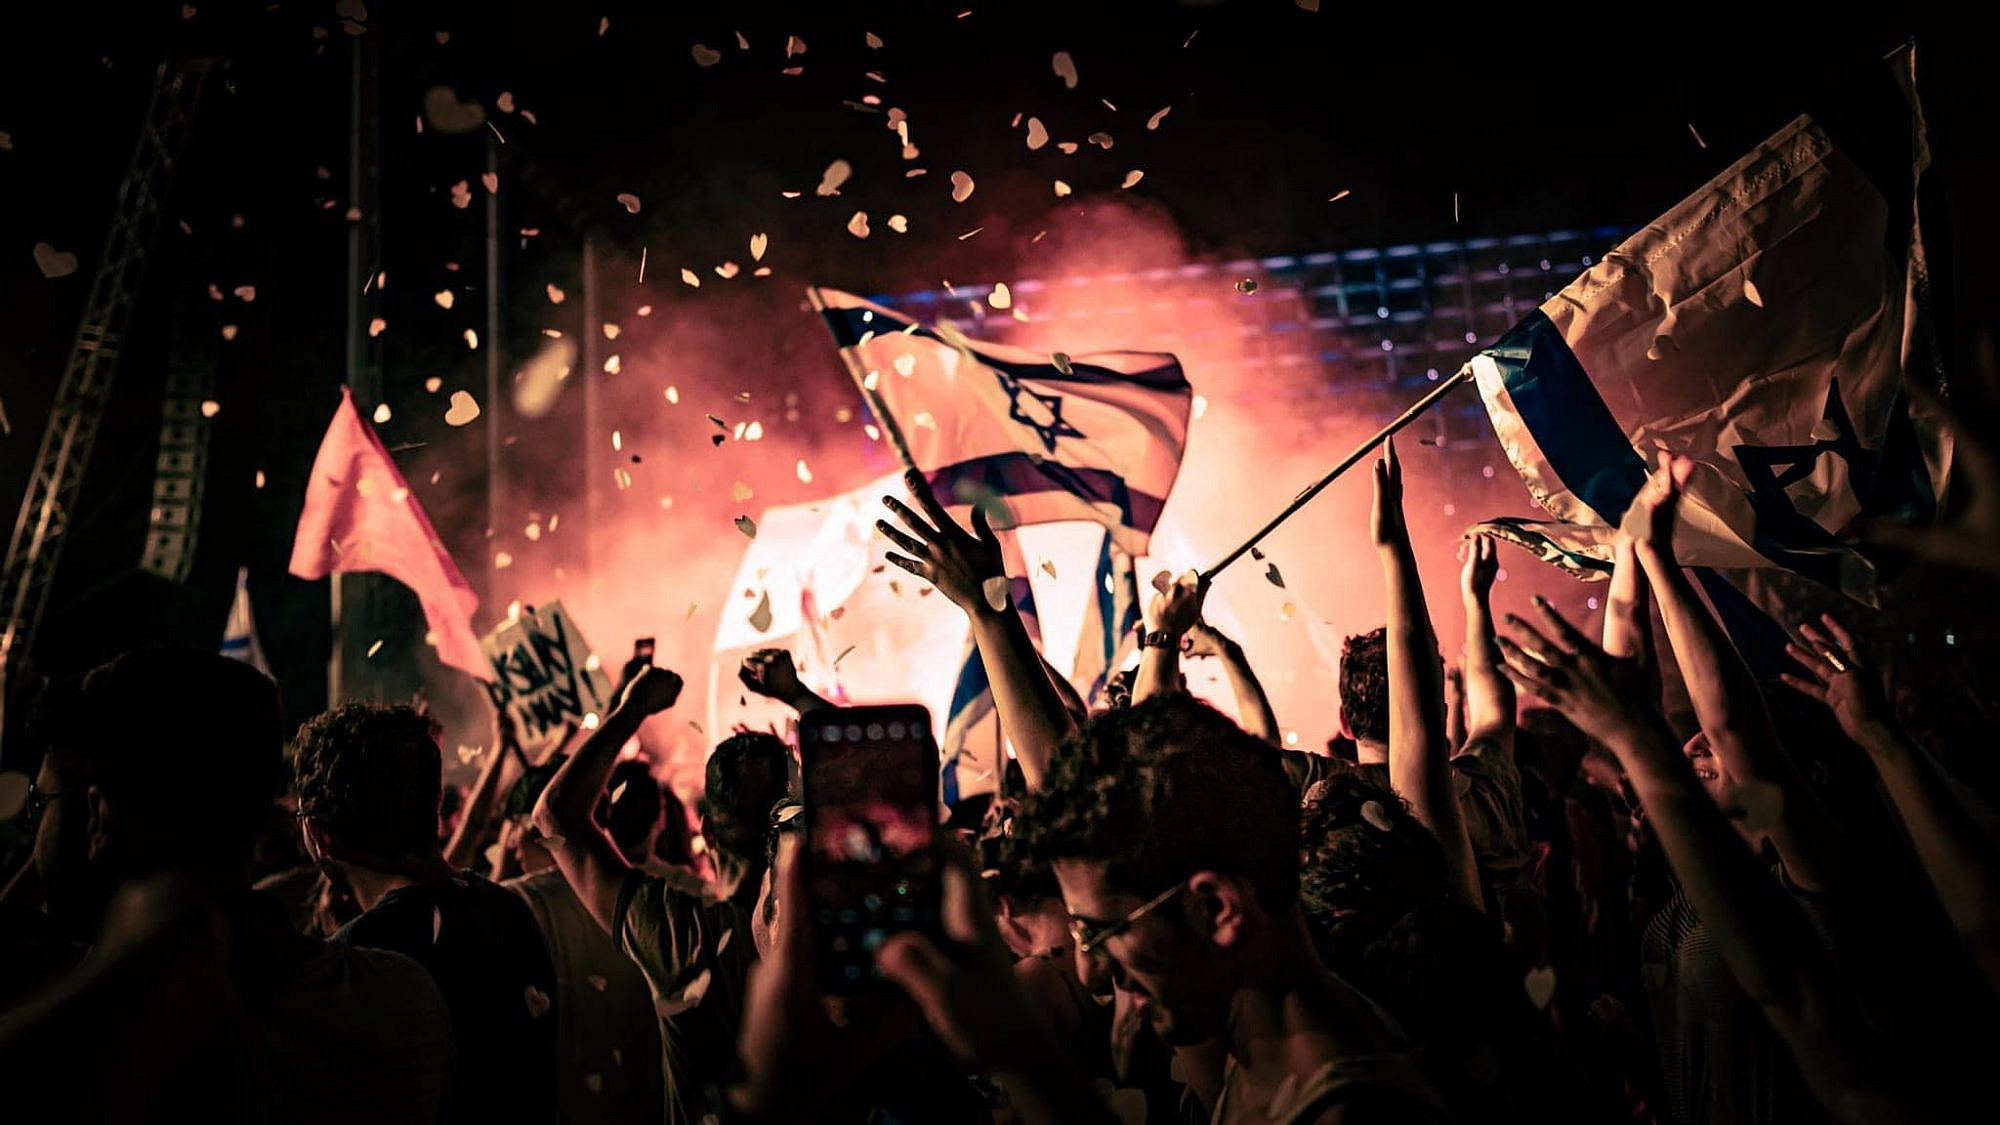 הר הגעש בוורוד התפרץ. חגיגות הניצחון בכיכר רבין (צילום: עידו רז)